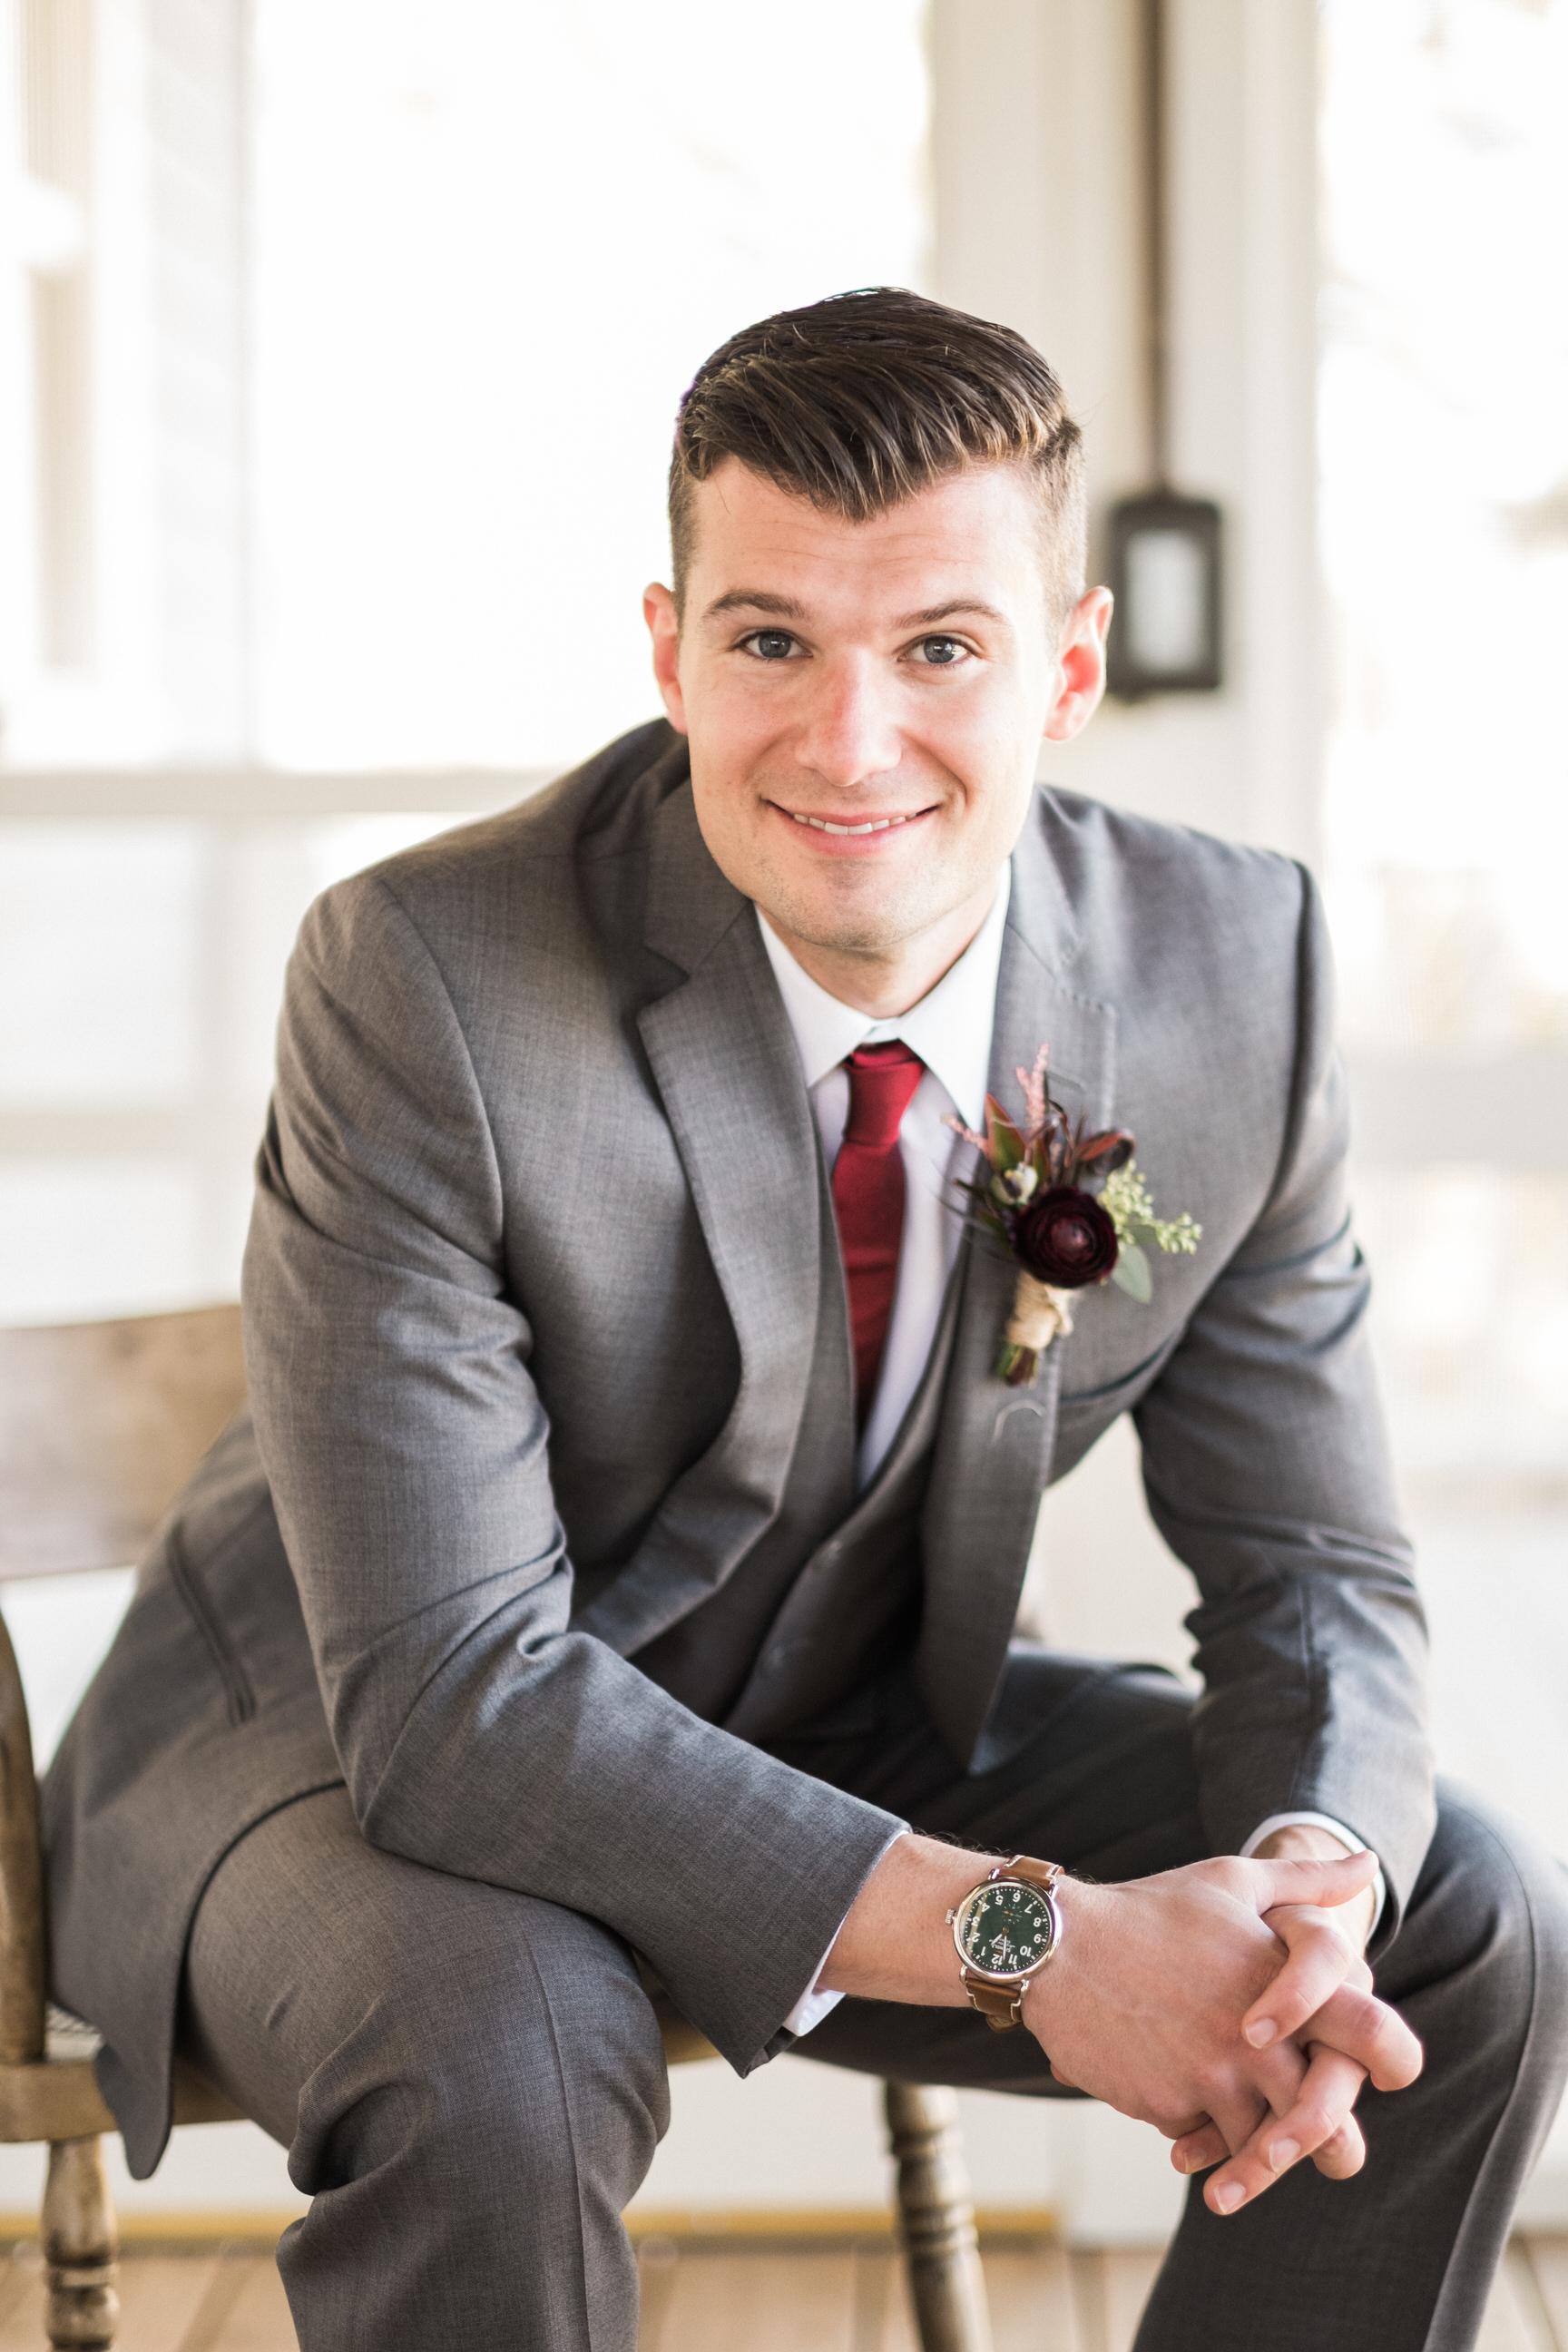 portrait of the groom in brainerd, mn